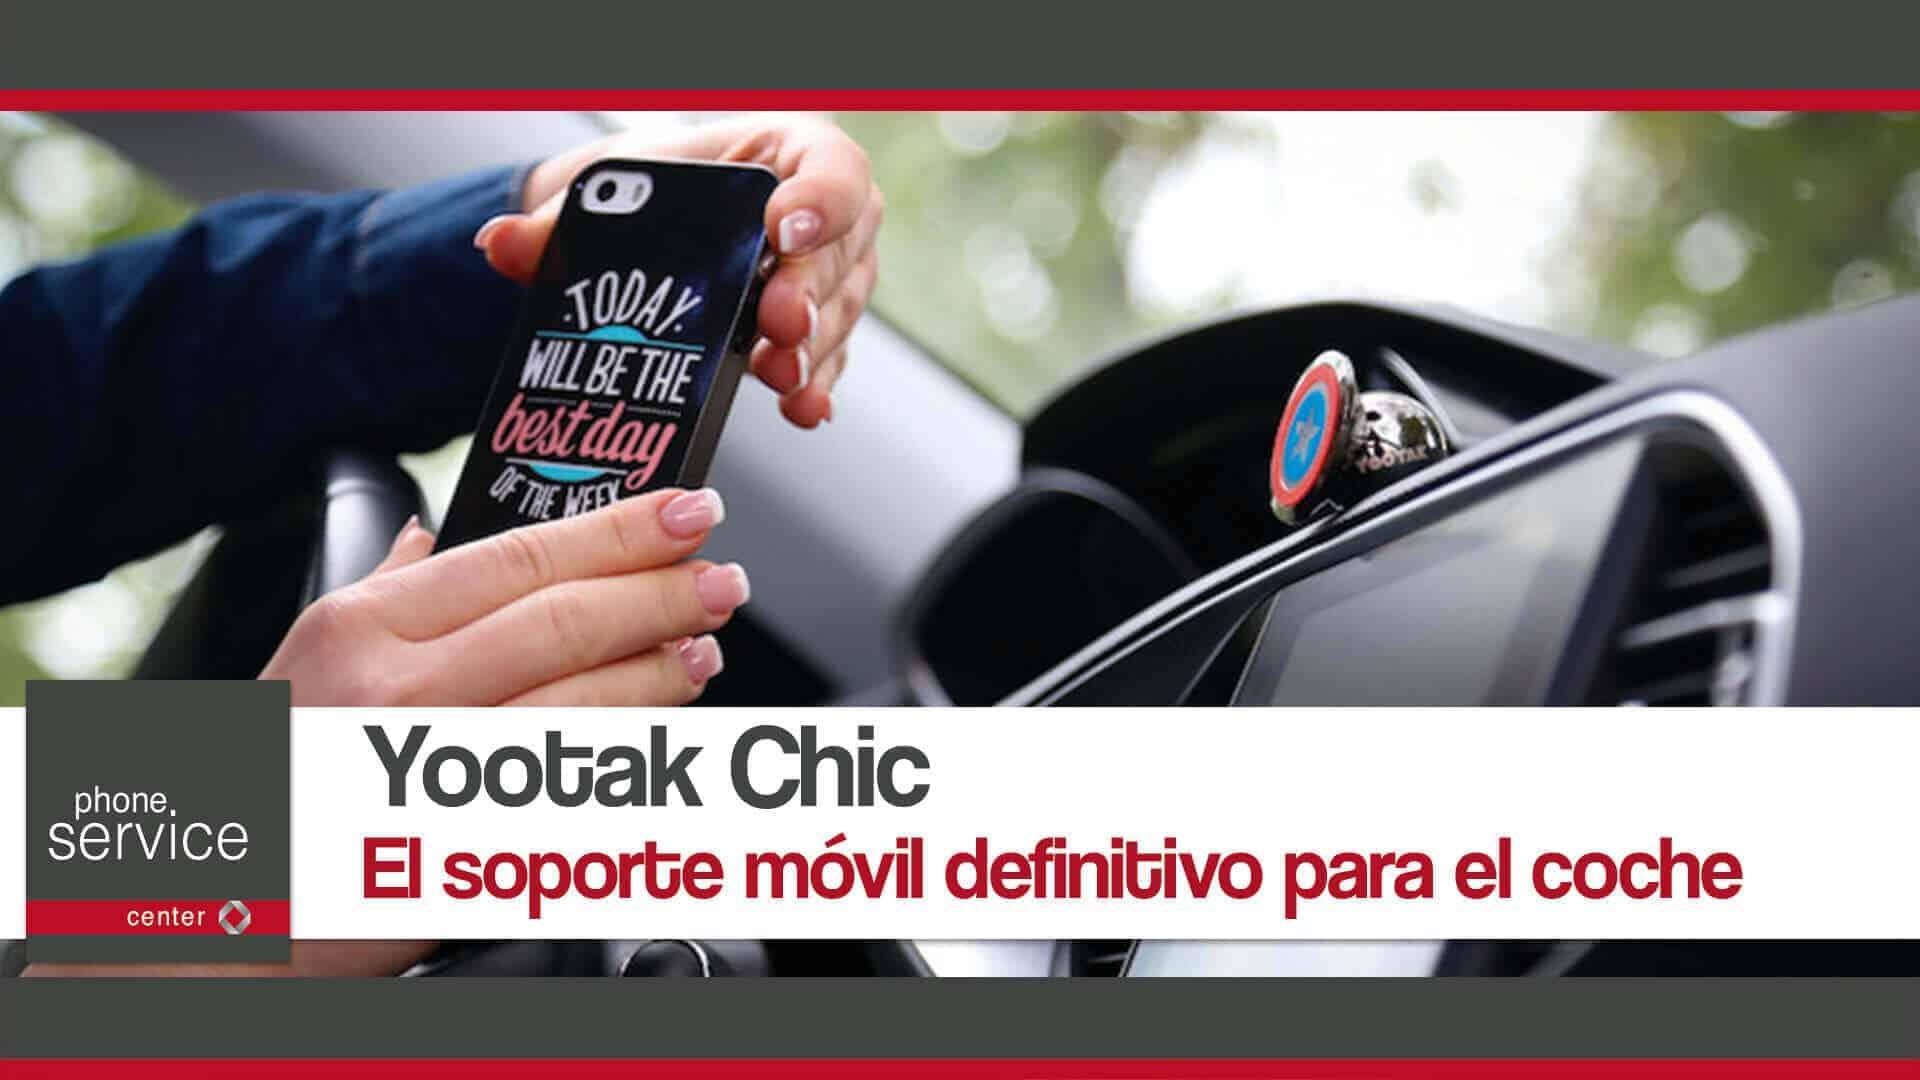 Yootak Chic el soporte movil definitivo para el coche